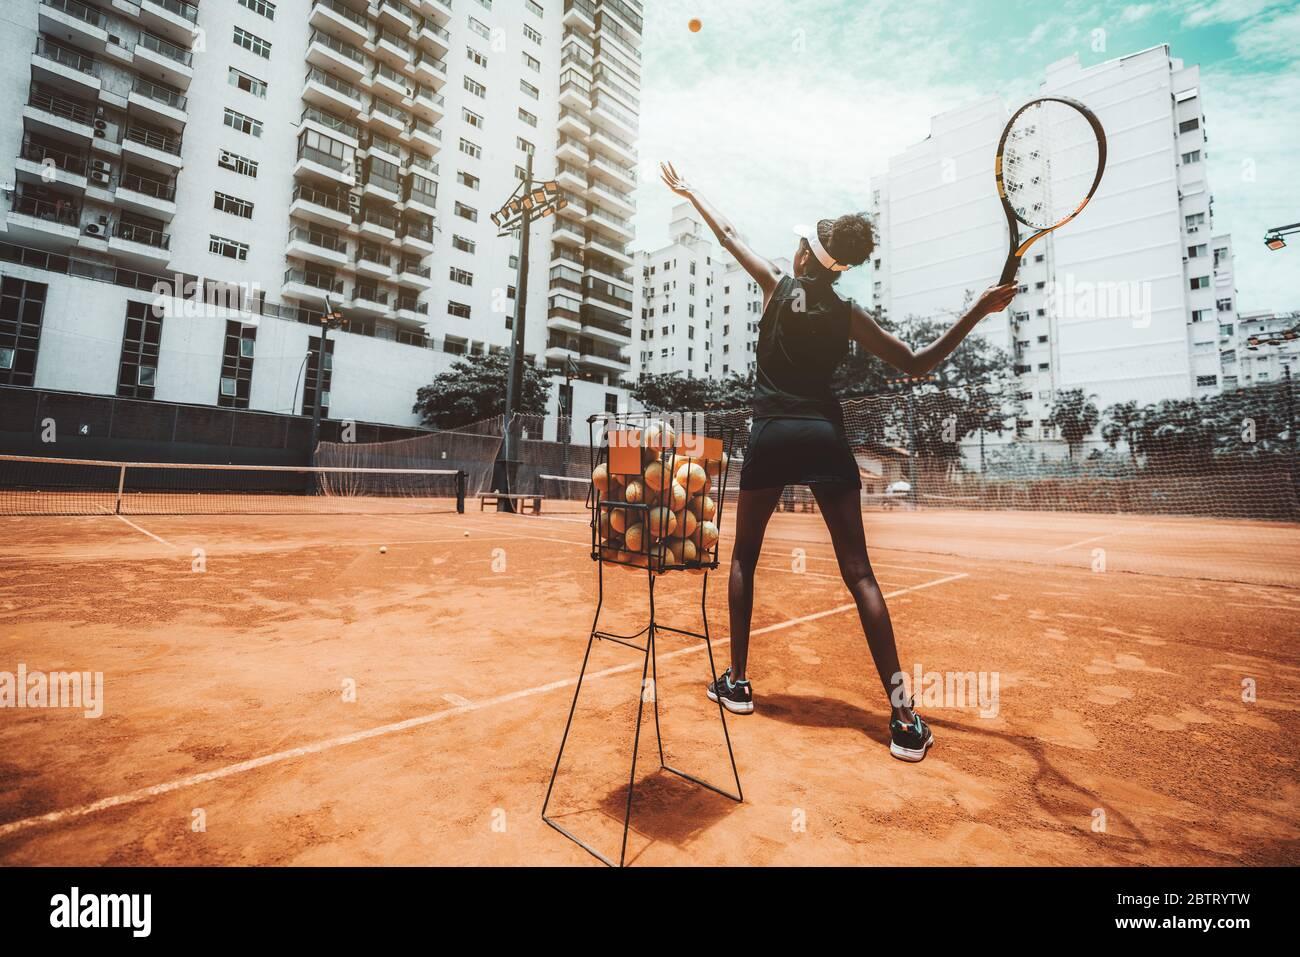 Vista gran angular desde detrás de una joven mujer biroquial delgada apuntando un golpe antes de golpear una pelota de tenis durante un entrenamiento deportivo o calentamiento en un exterior Foto de stock